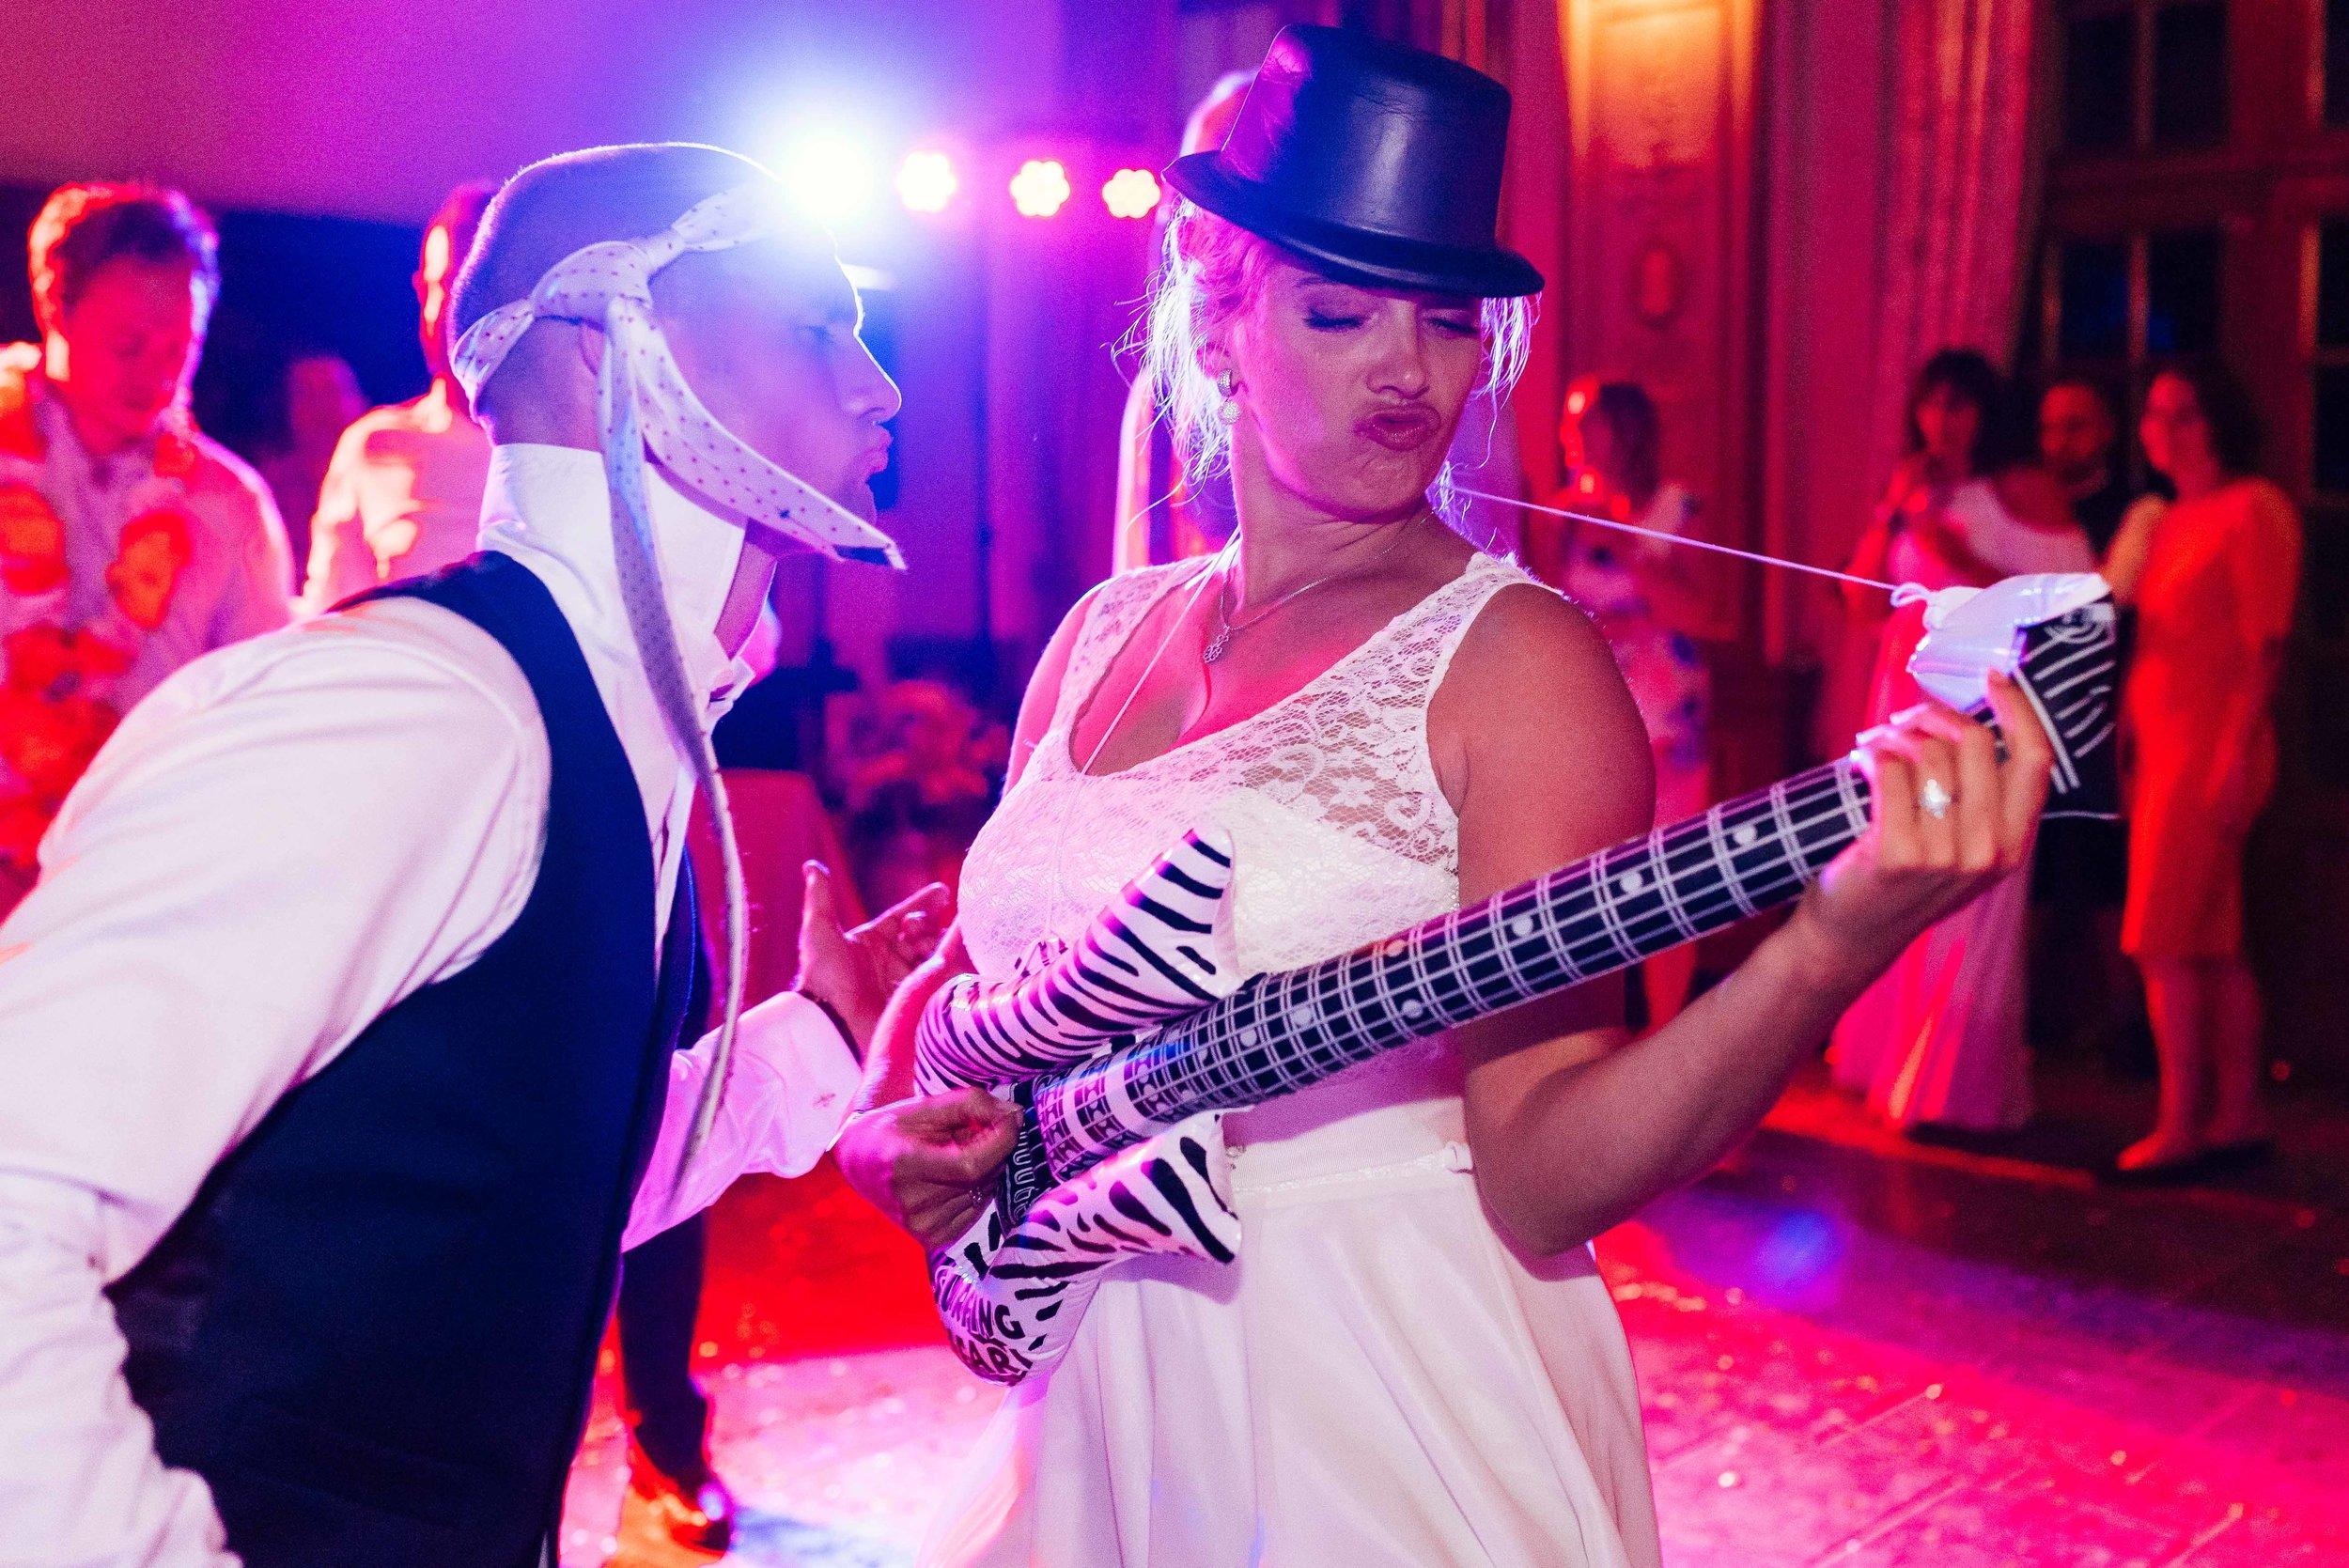 Hochzeitsfotograf Telgte amato 7.jpg